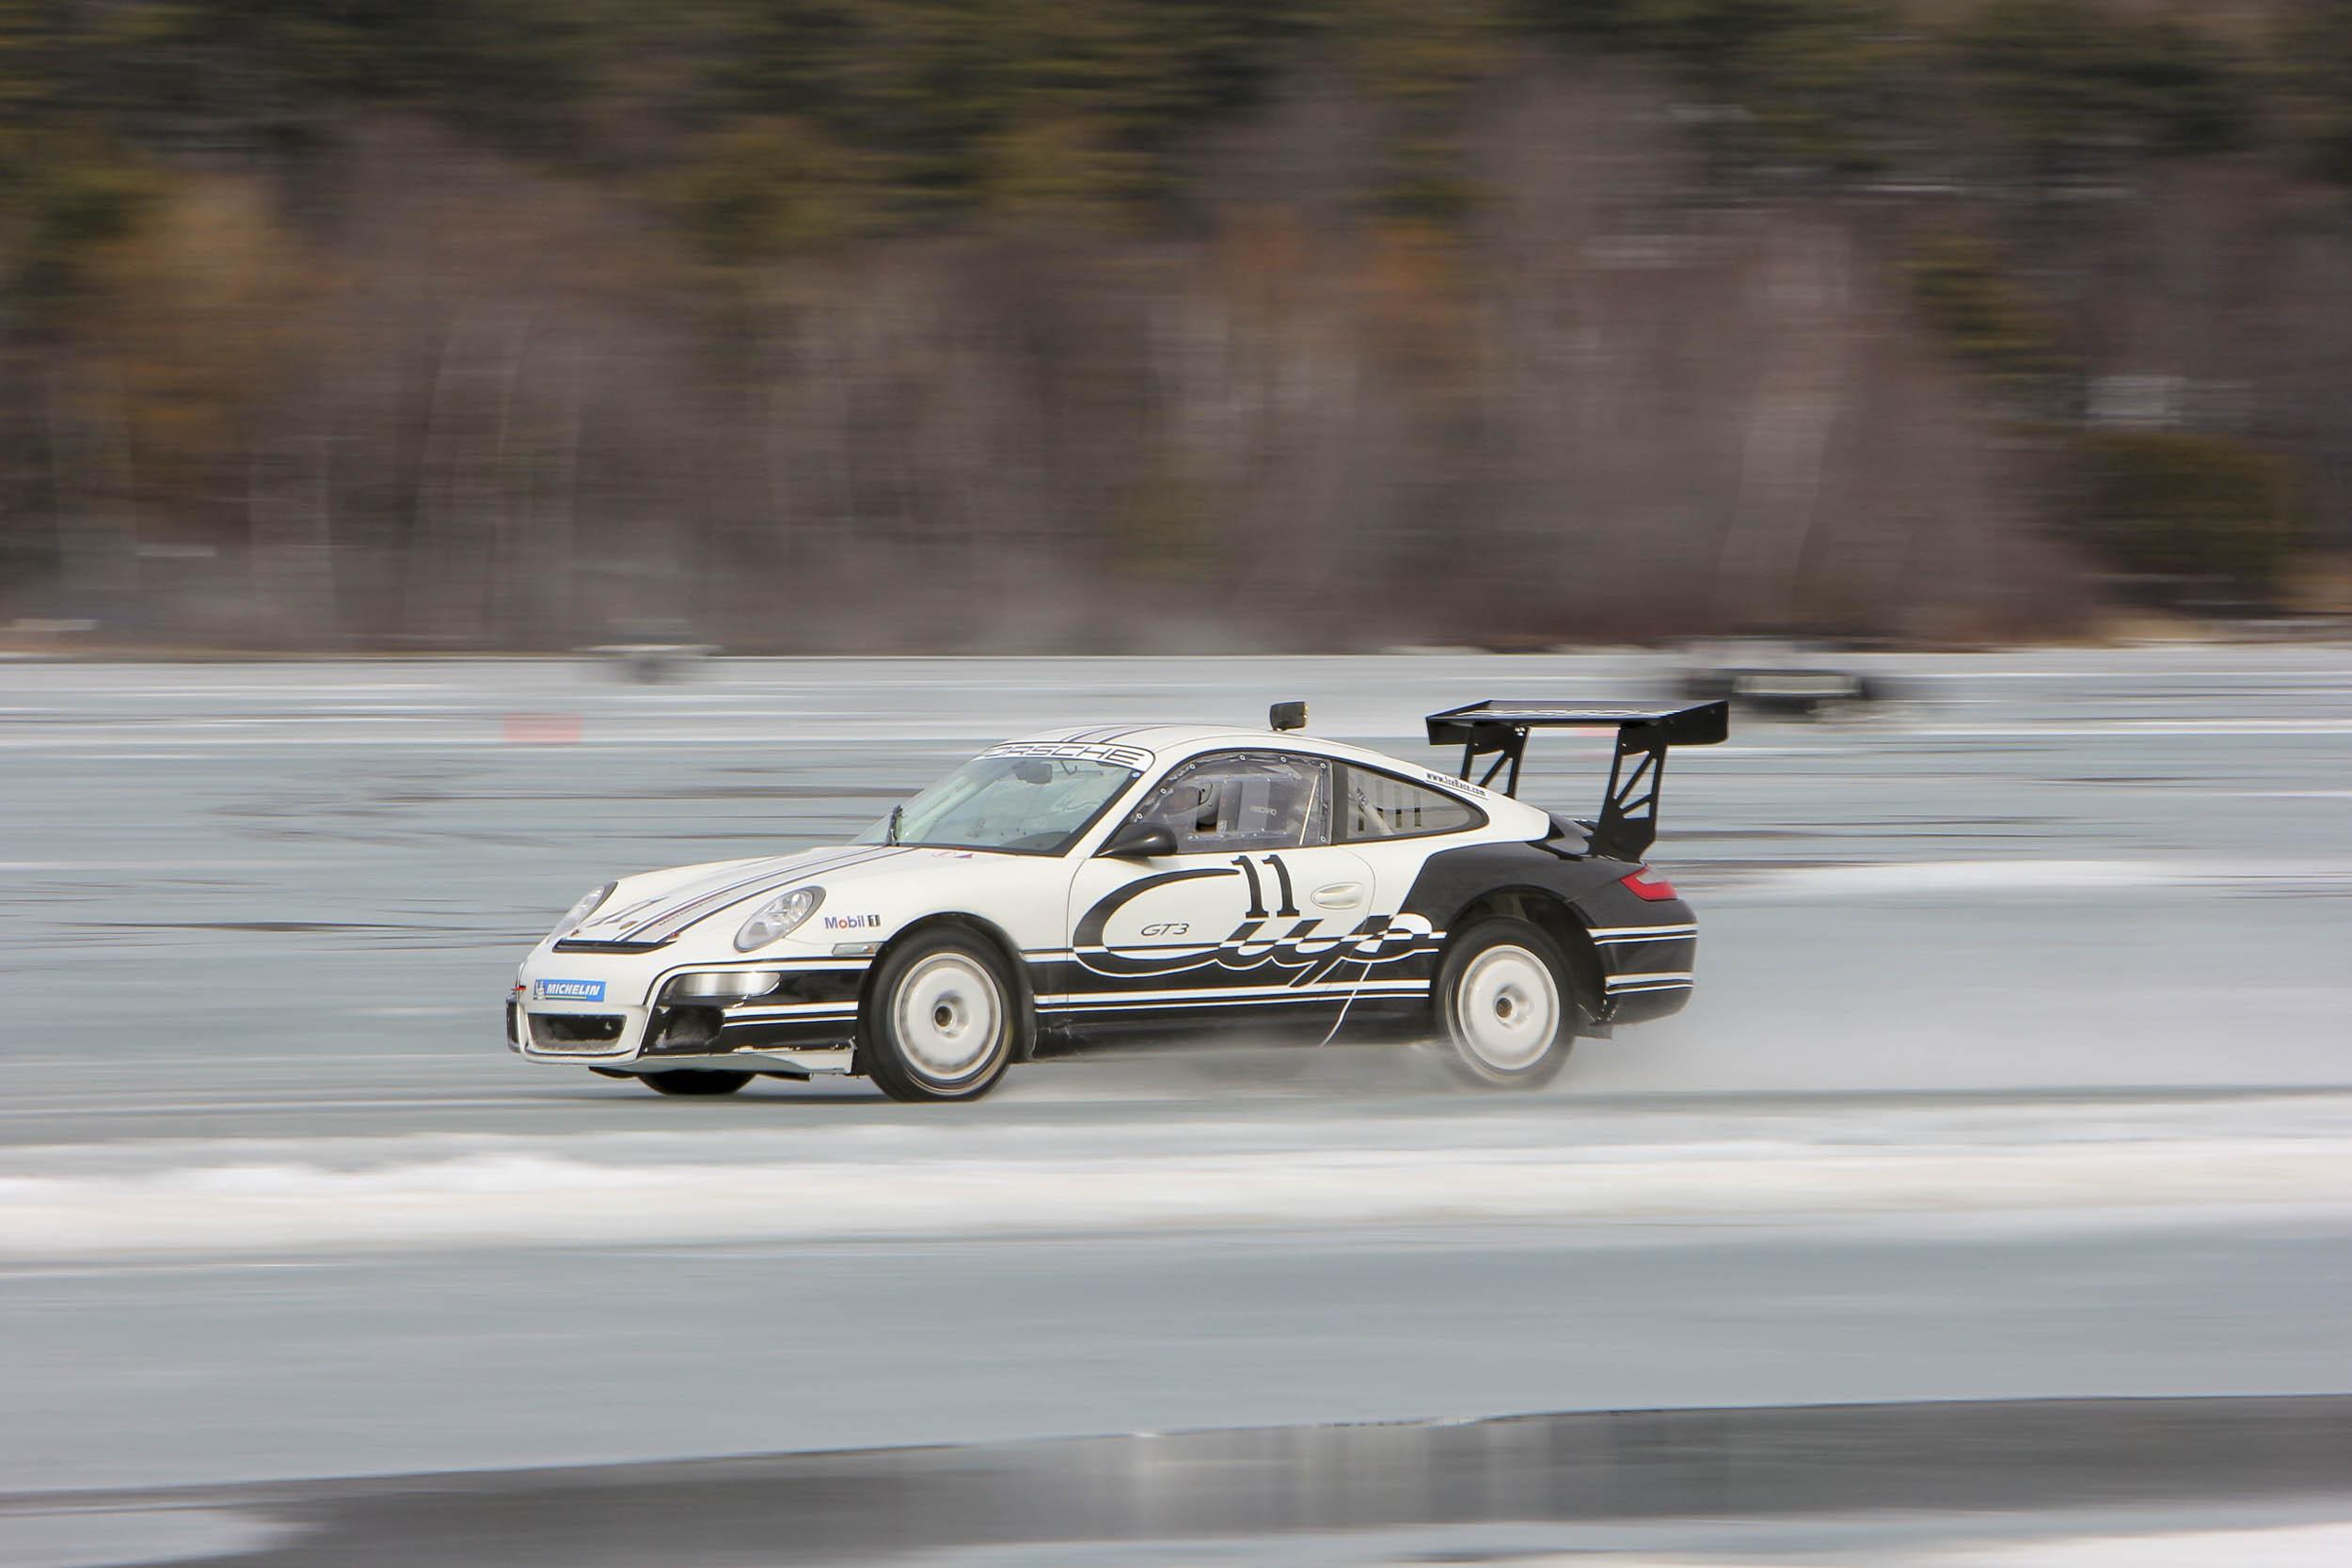 Porsche 911 GT3 driving on ice